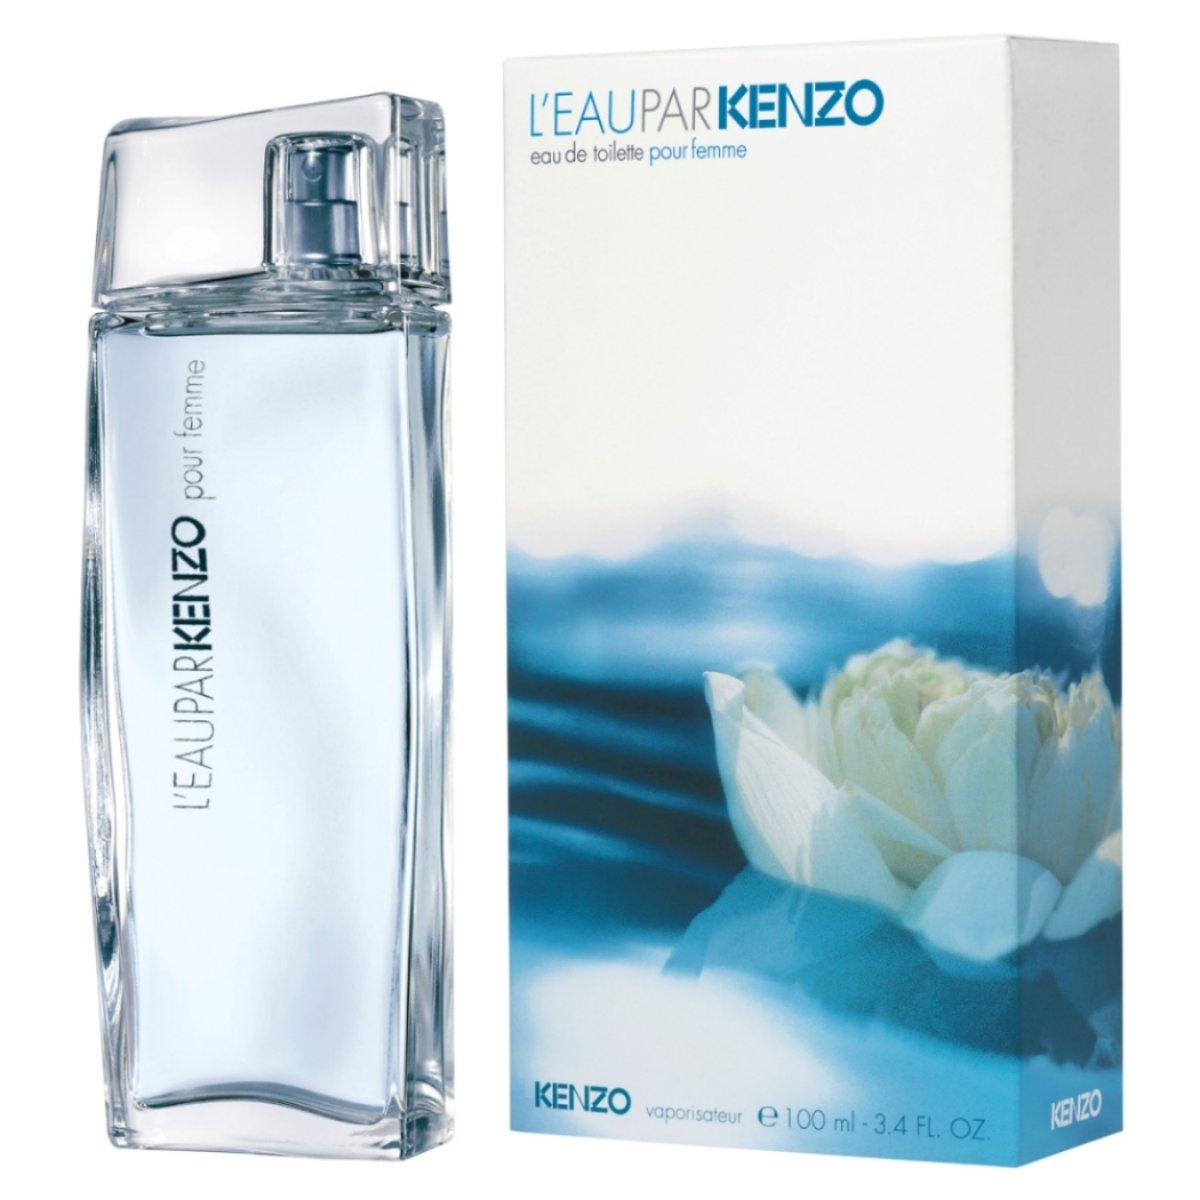 kenzo l 39 eau par kenzo eau de toilette 100ml. Black Bedroom Furniture Sets. Home Design Ideas